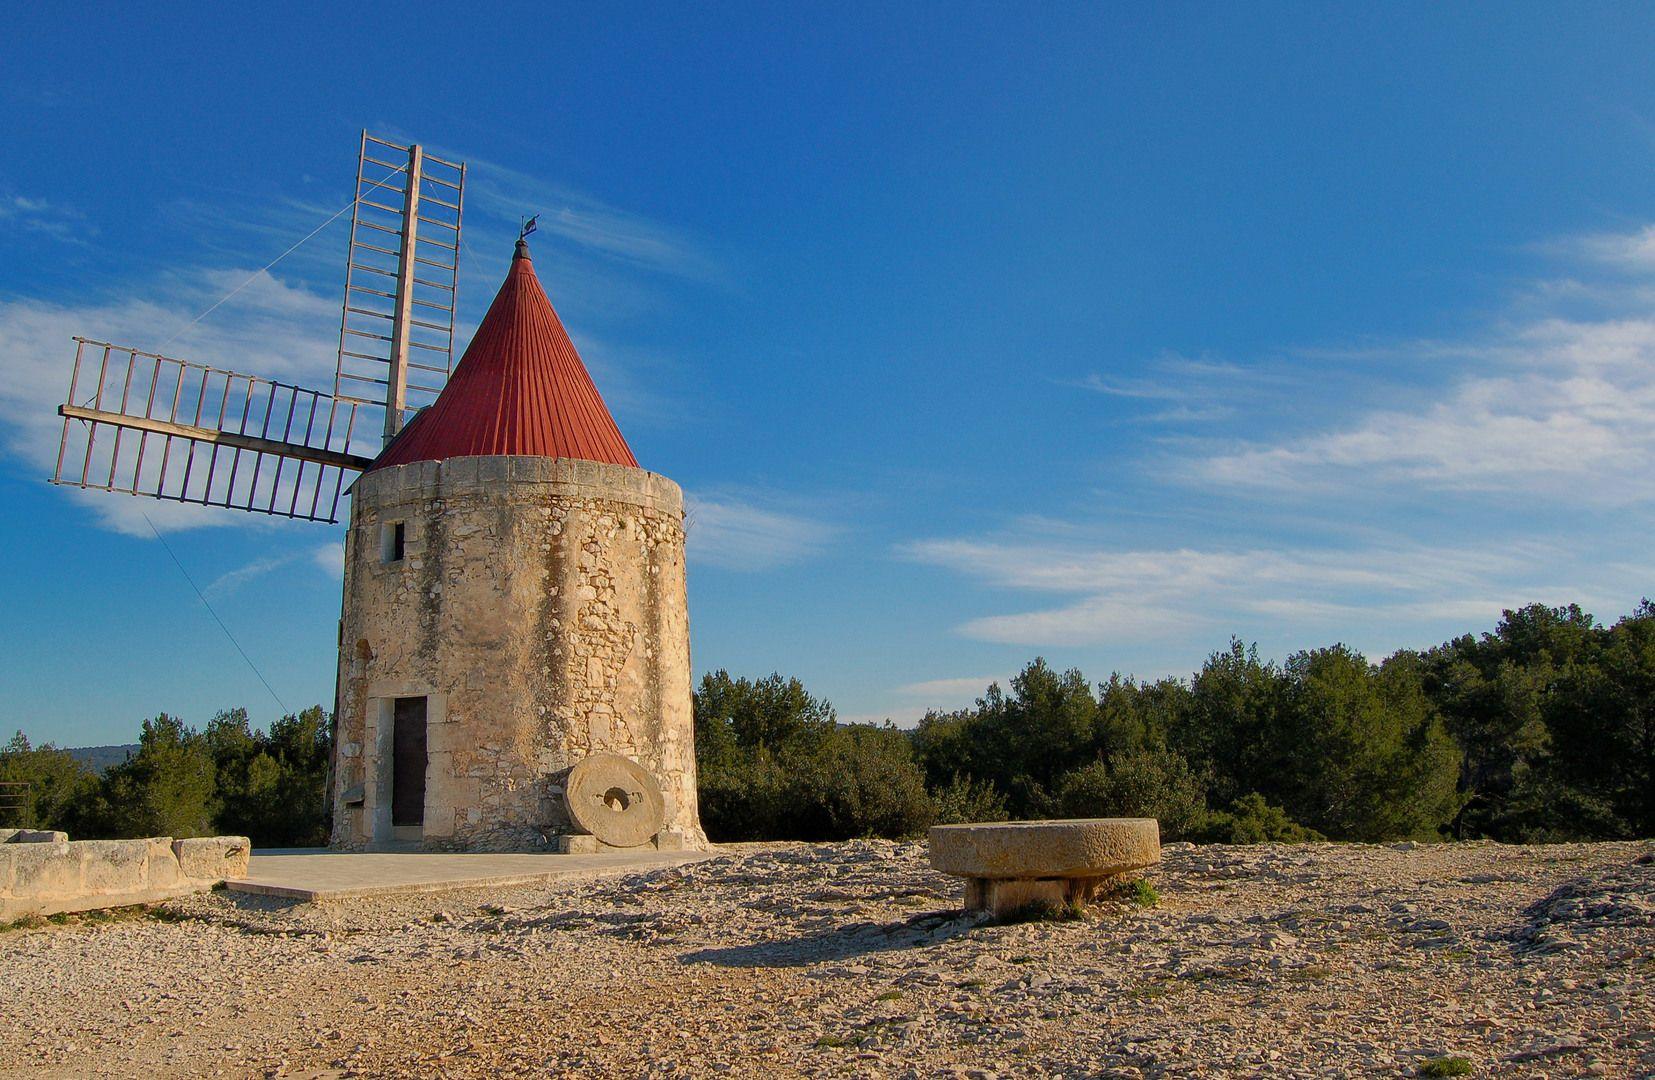 Le moulin daudet fontvieille bouches du rh ne france for Bouche rhone